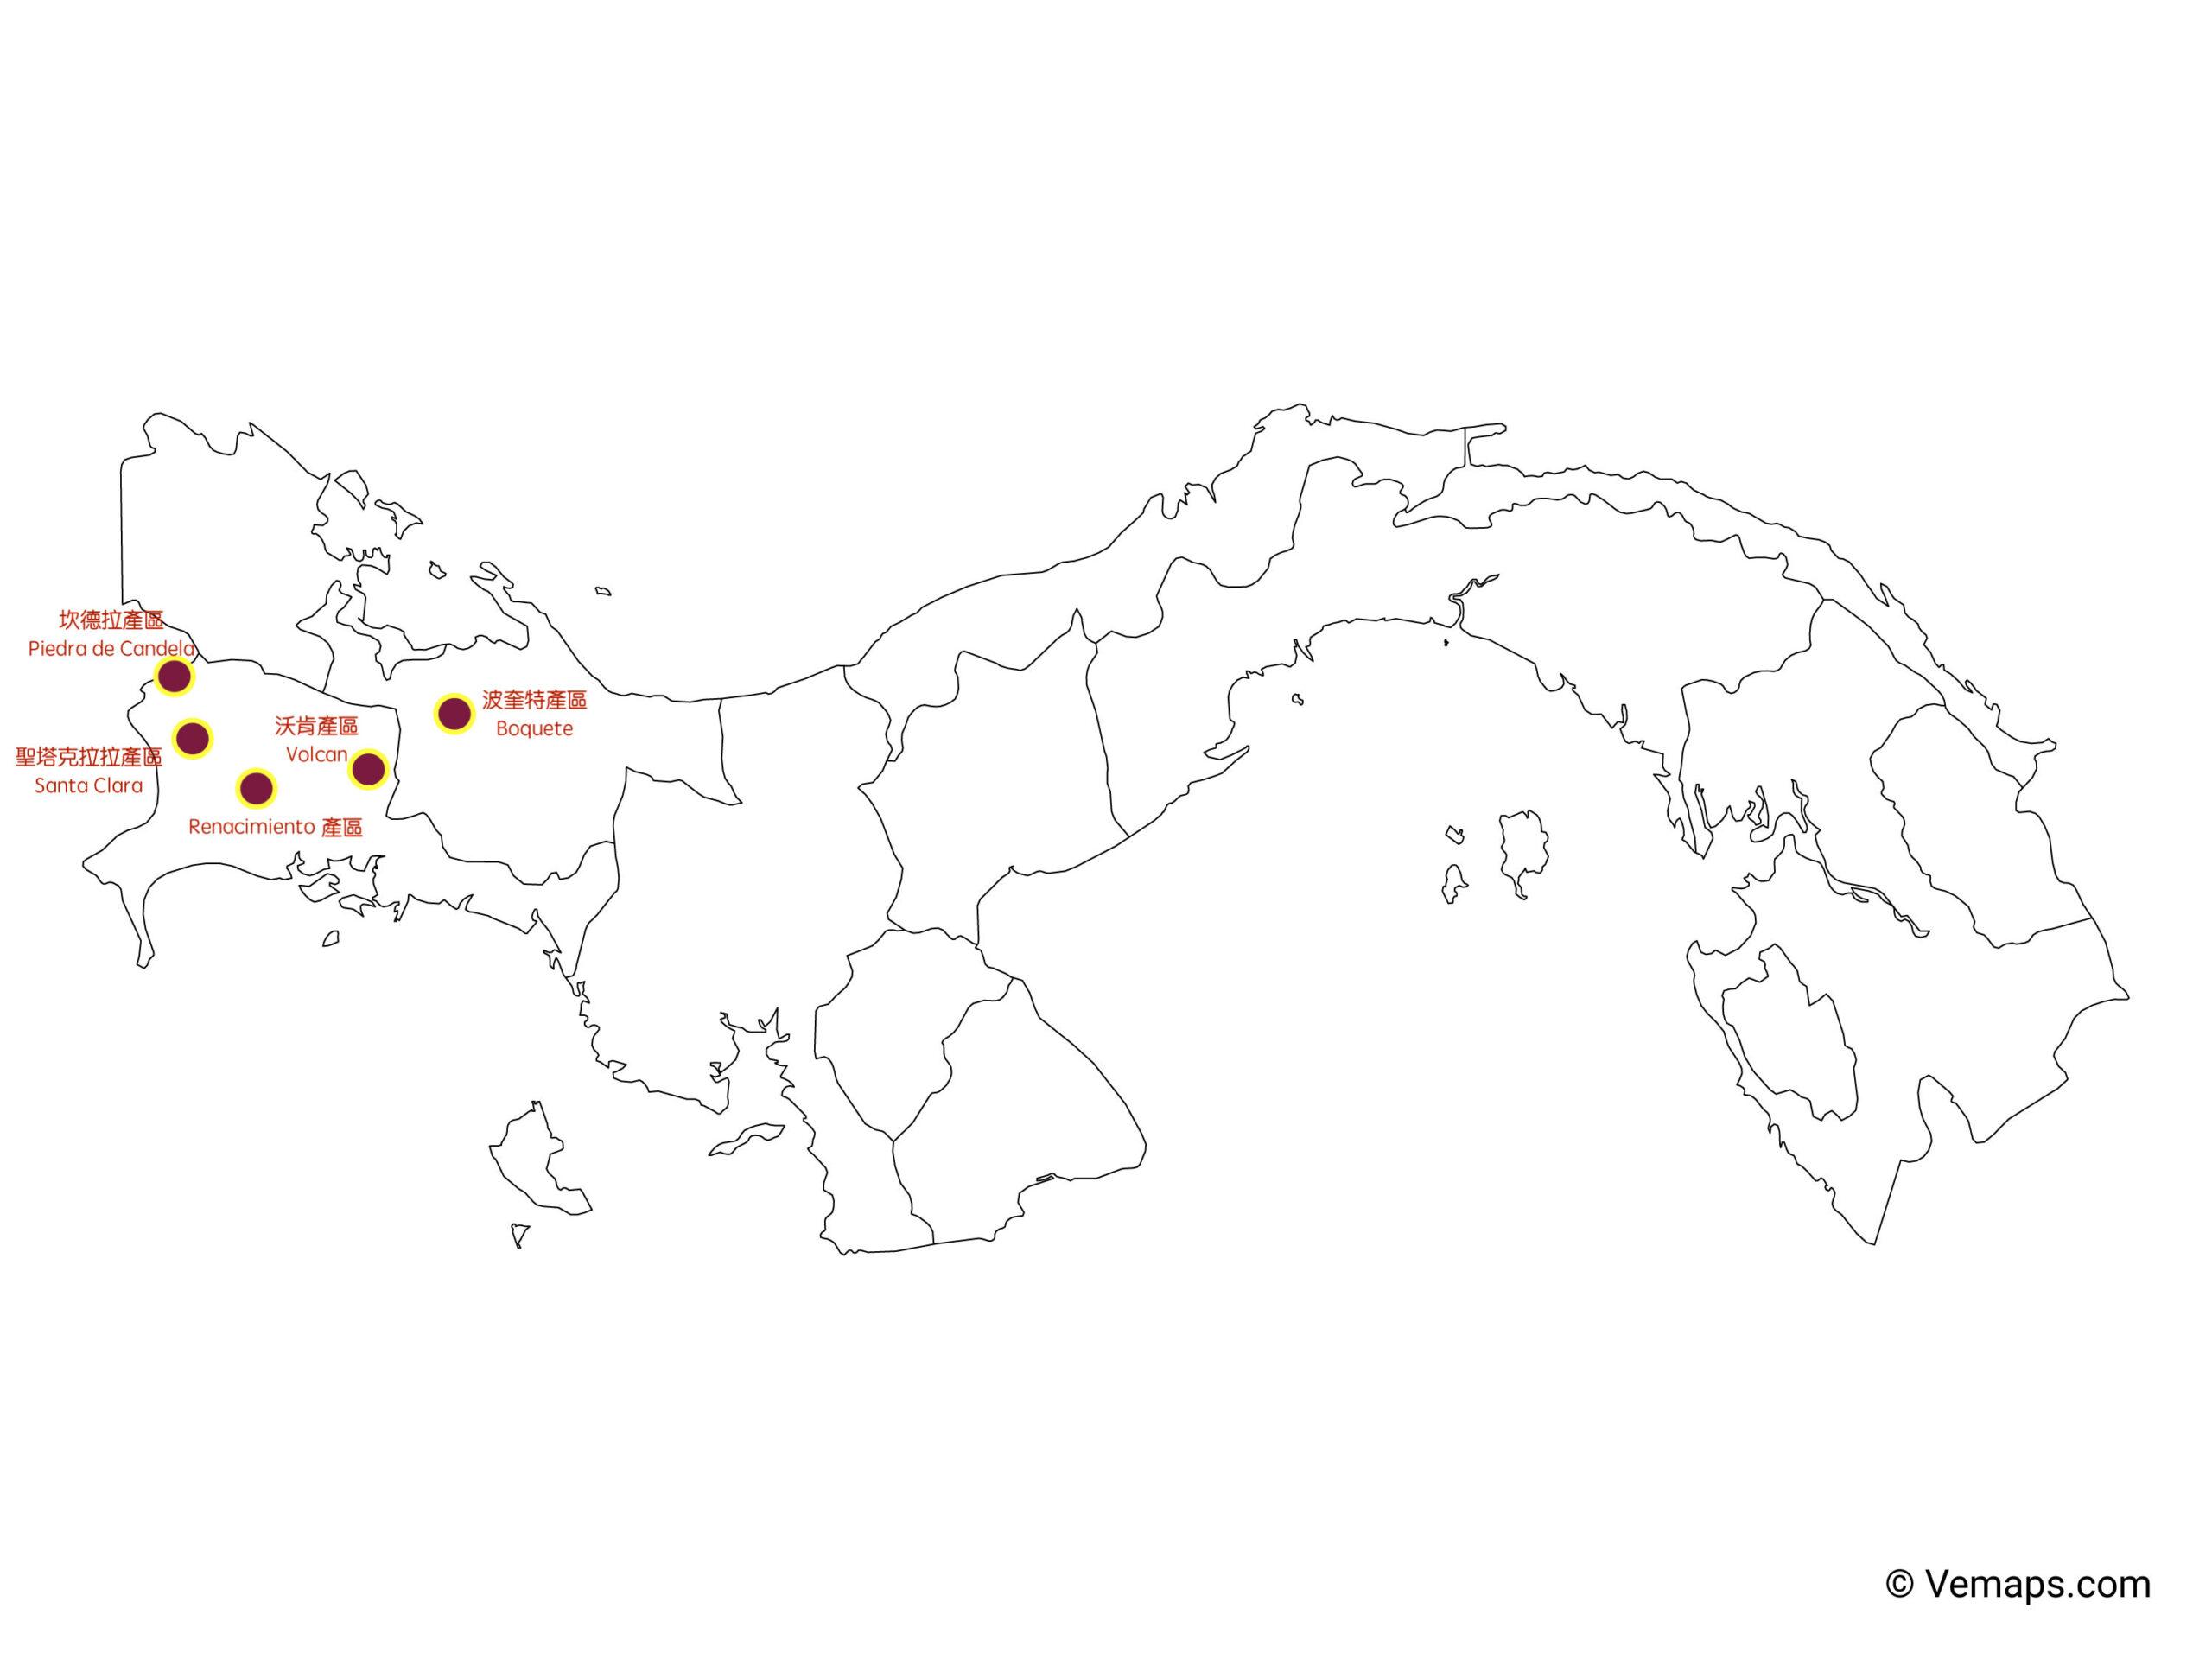 巴拿馬咖啡豆知名產區